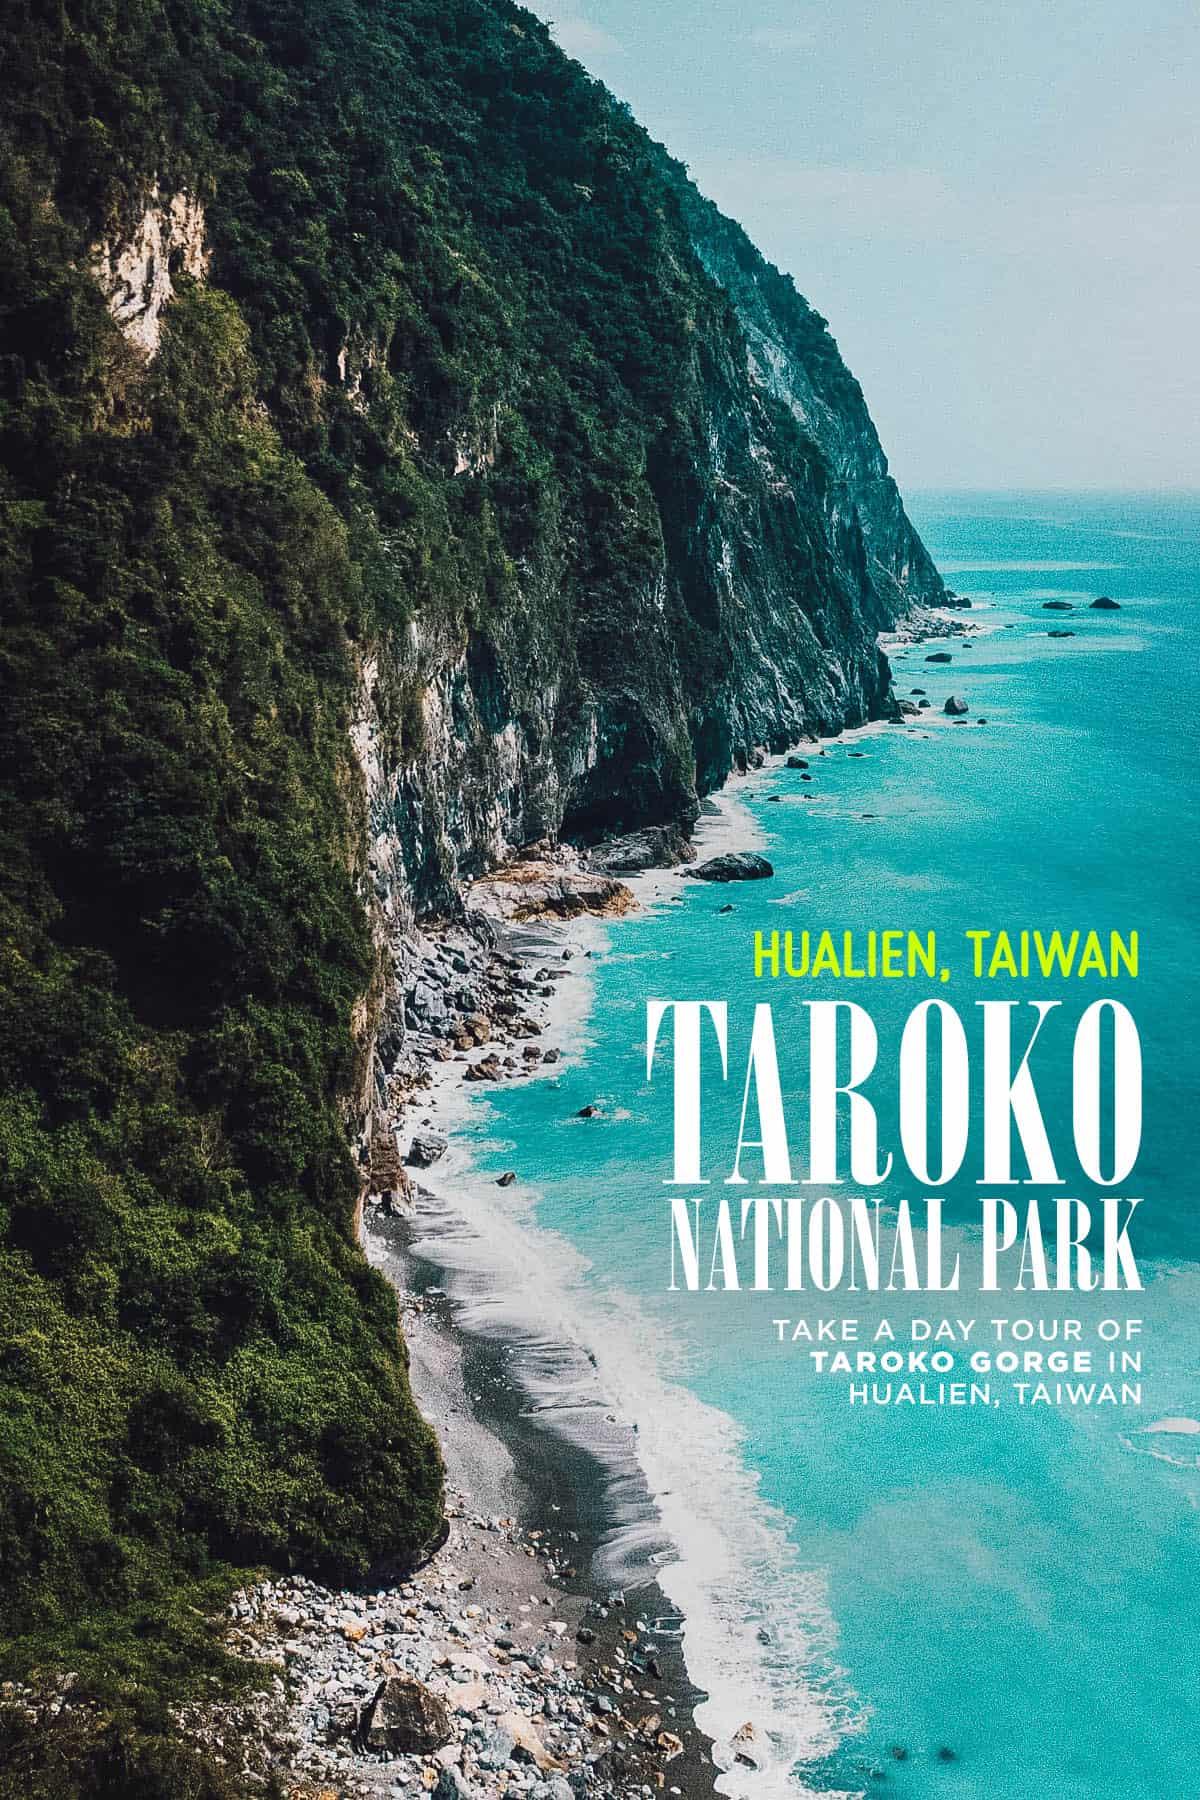 Qingshui Cliff, Taroko National Park, Hualien, Taiwan